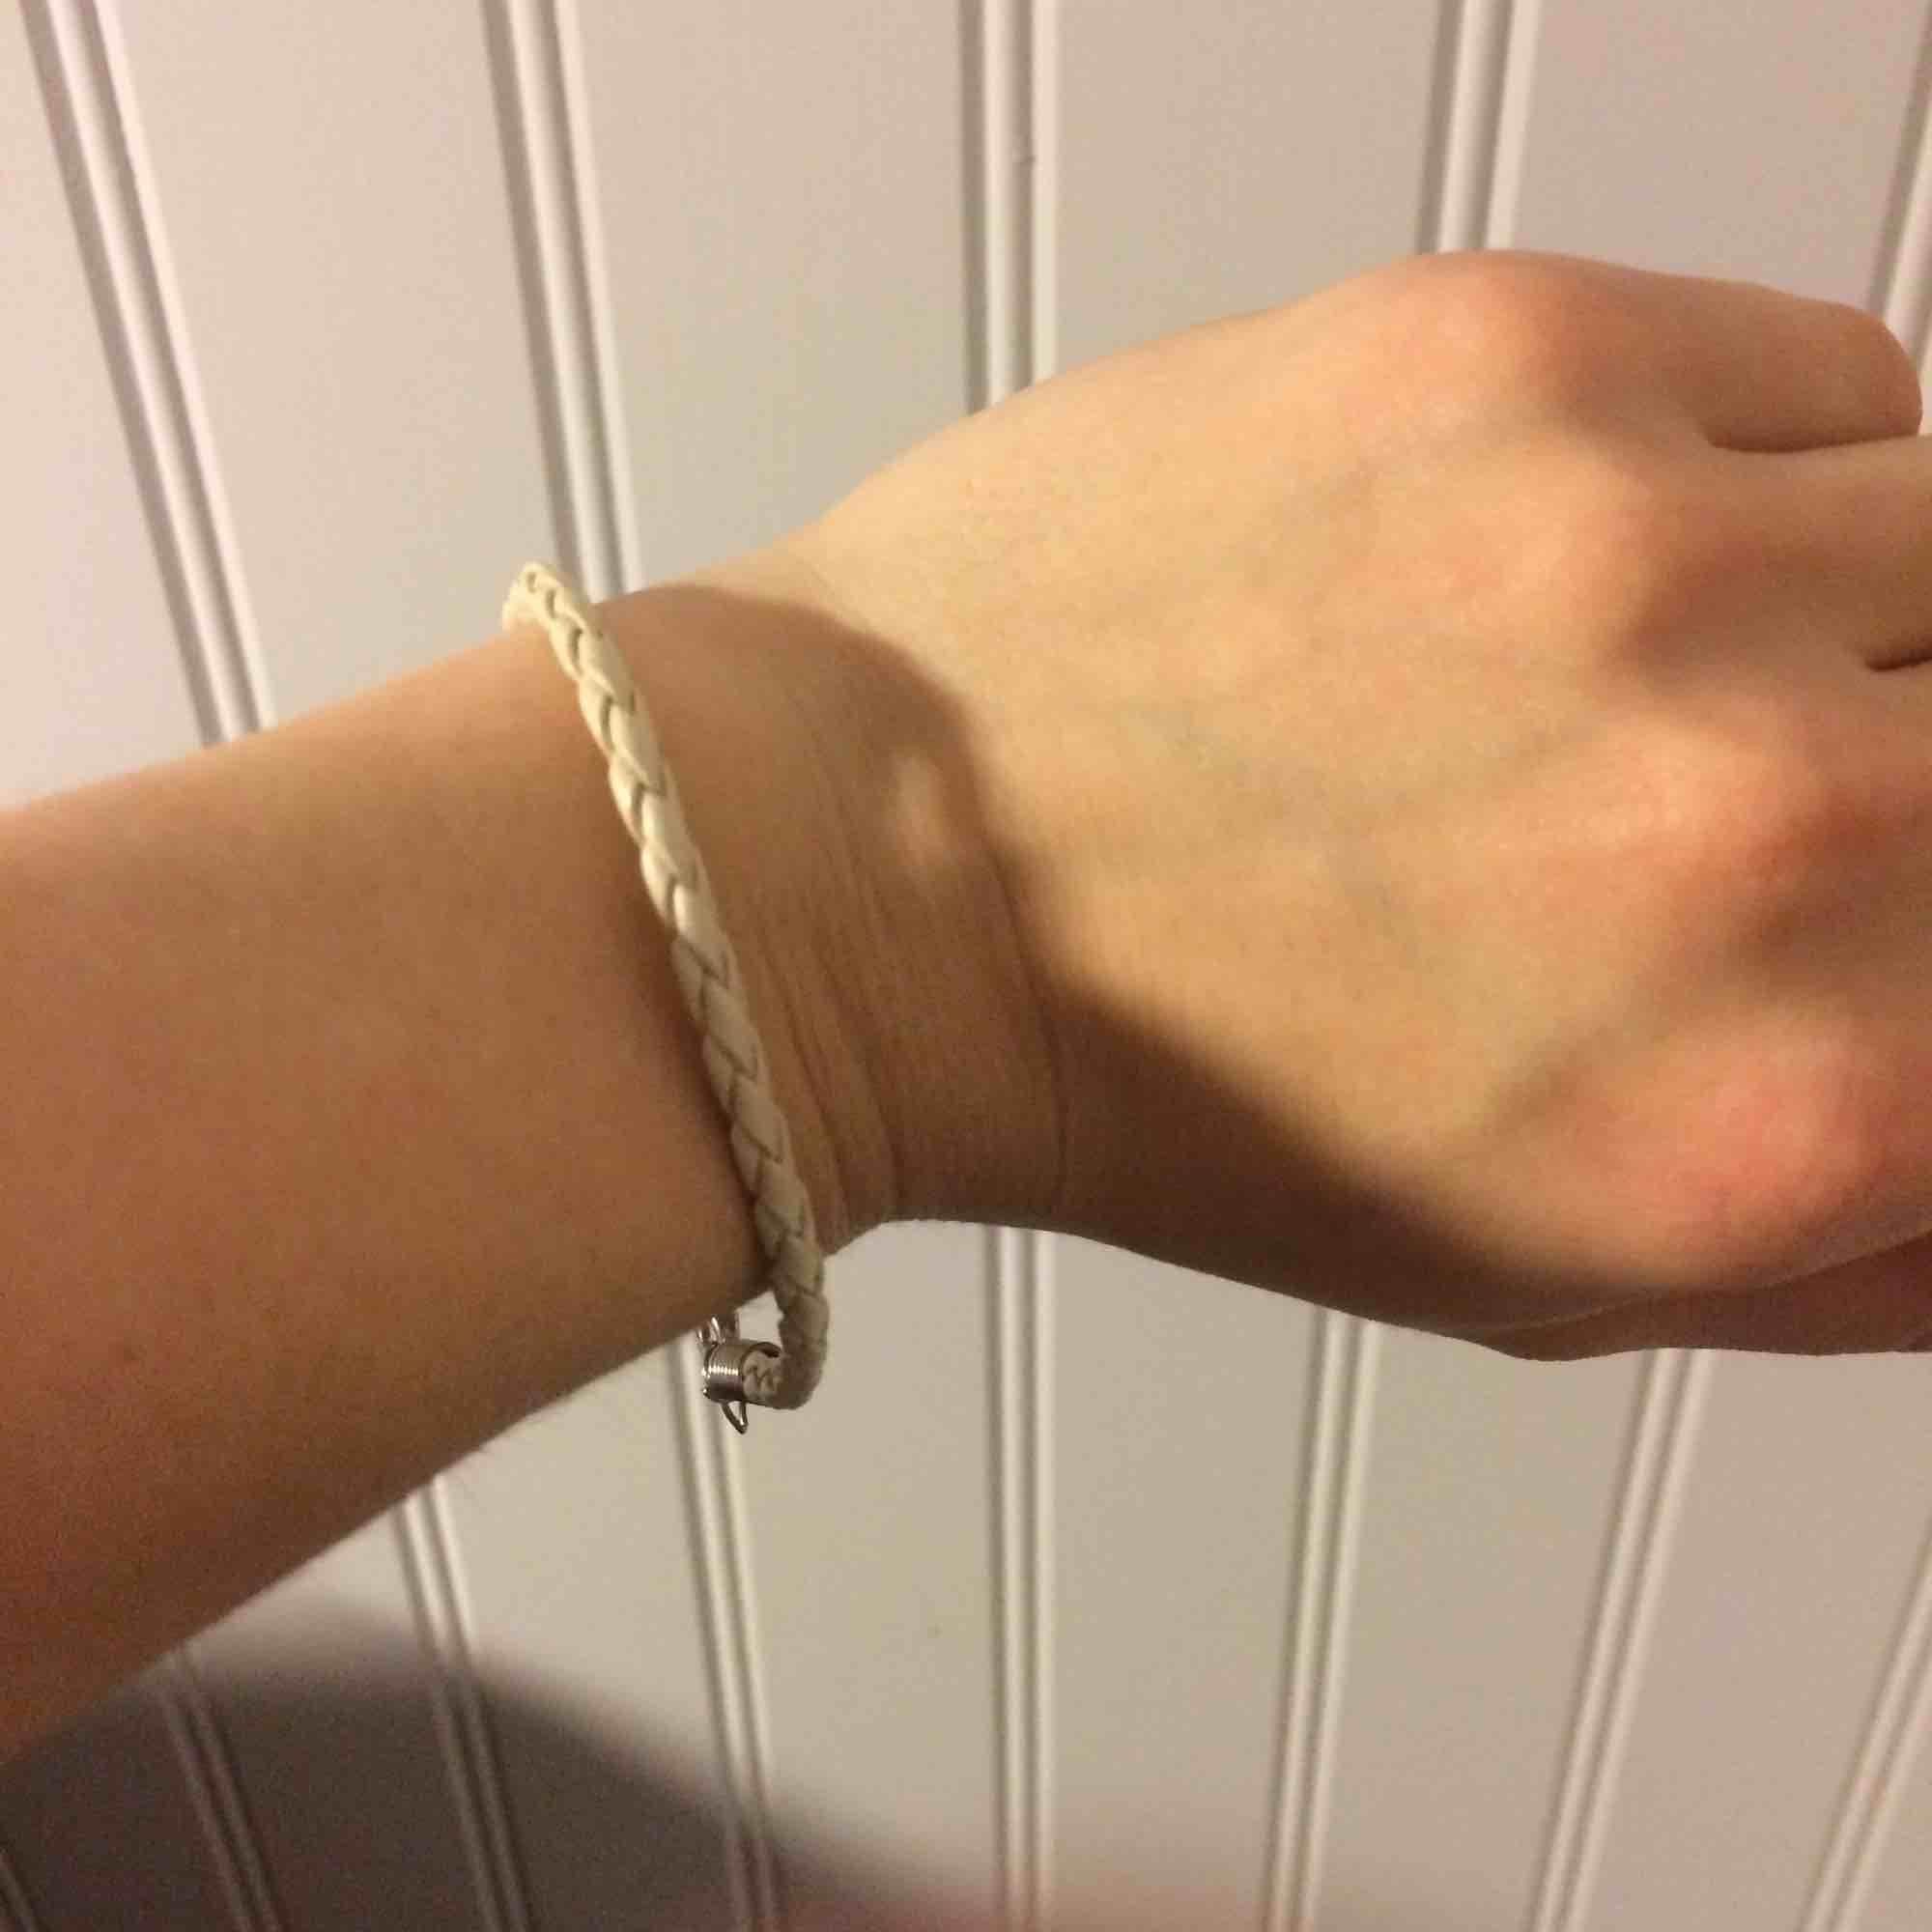 Flätat armband, vet ej varifrån Använt ett par ggr. Accessoarer.